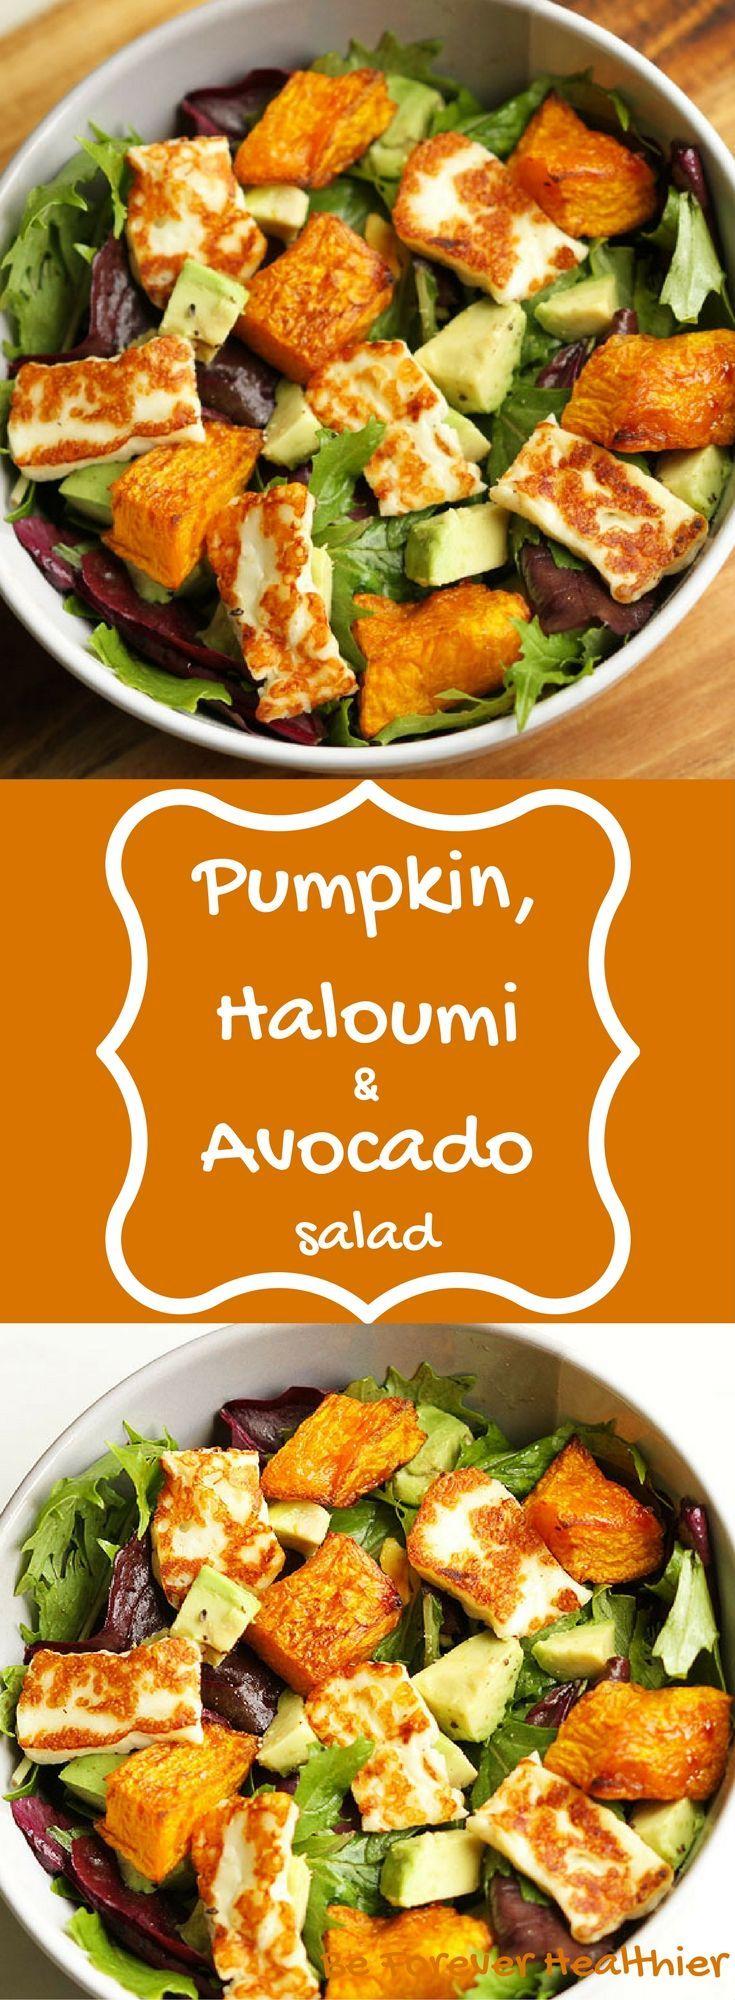 Dieser Kürbis, Haloumi & Avocado Salat ist das perfekte Abendessen unter der Woche! Minimaler E ... - #weeknightdinners